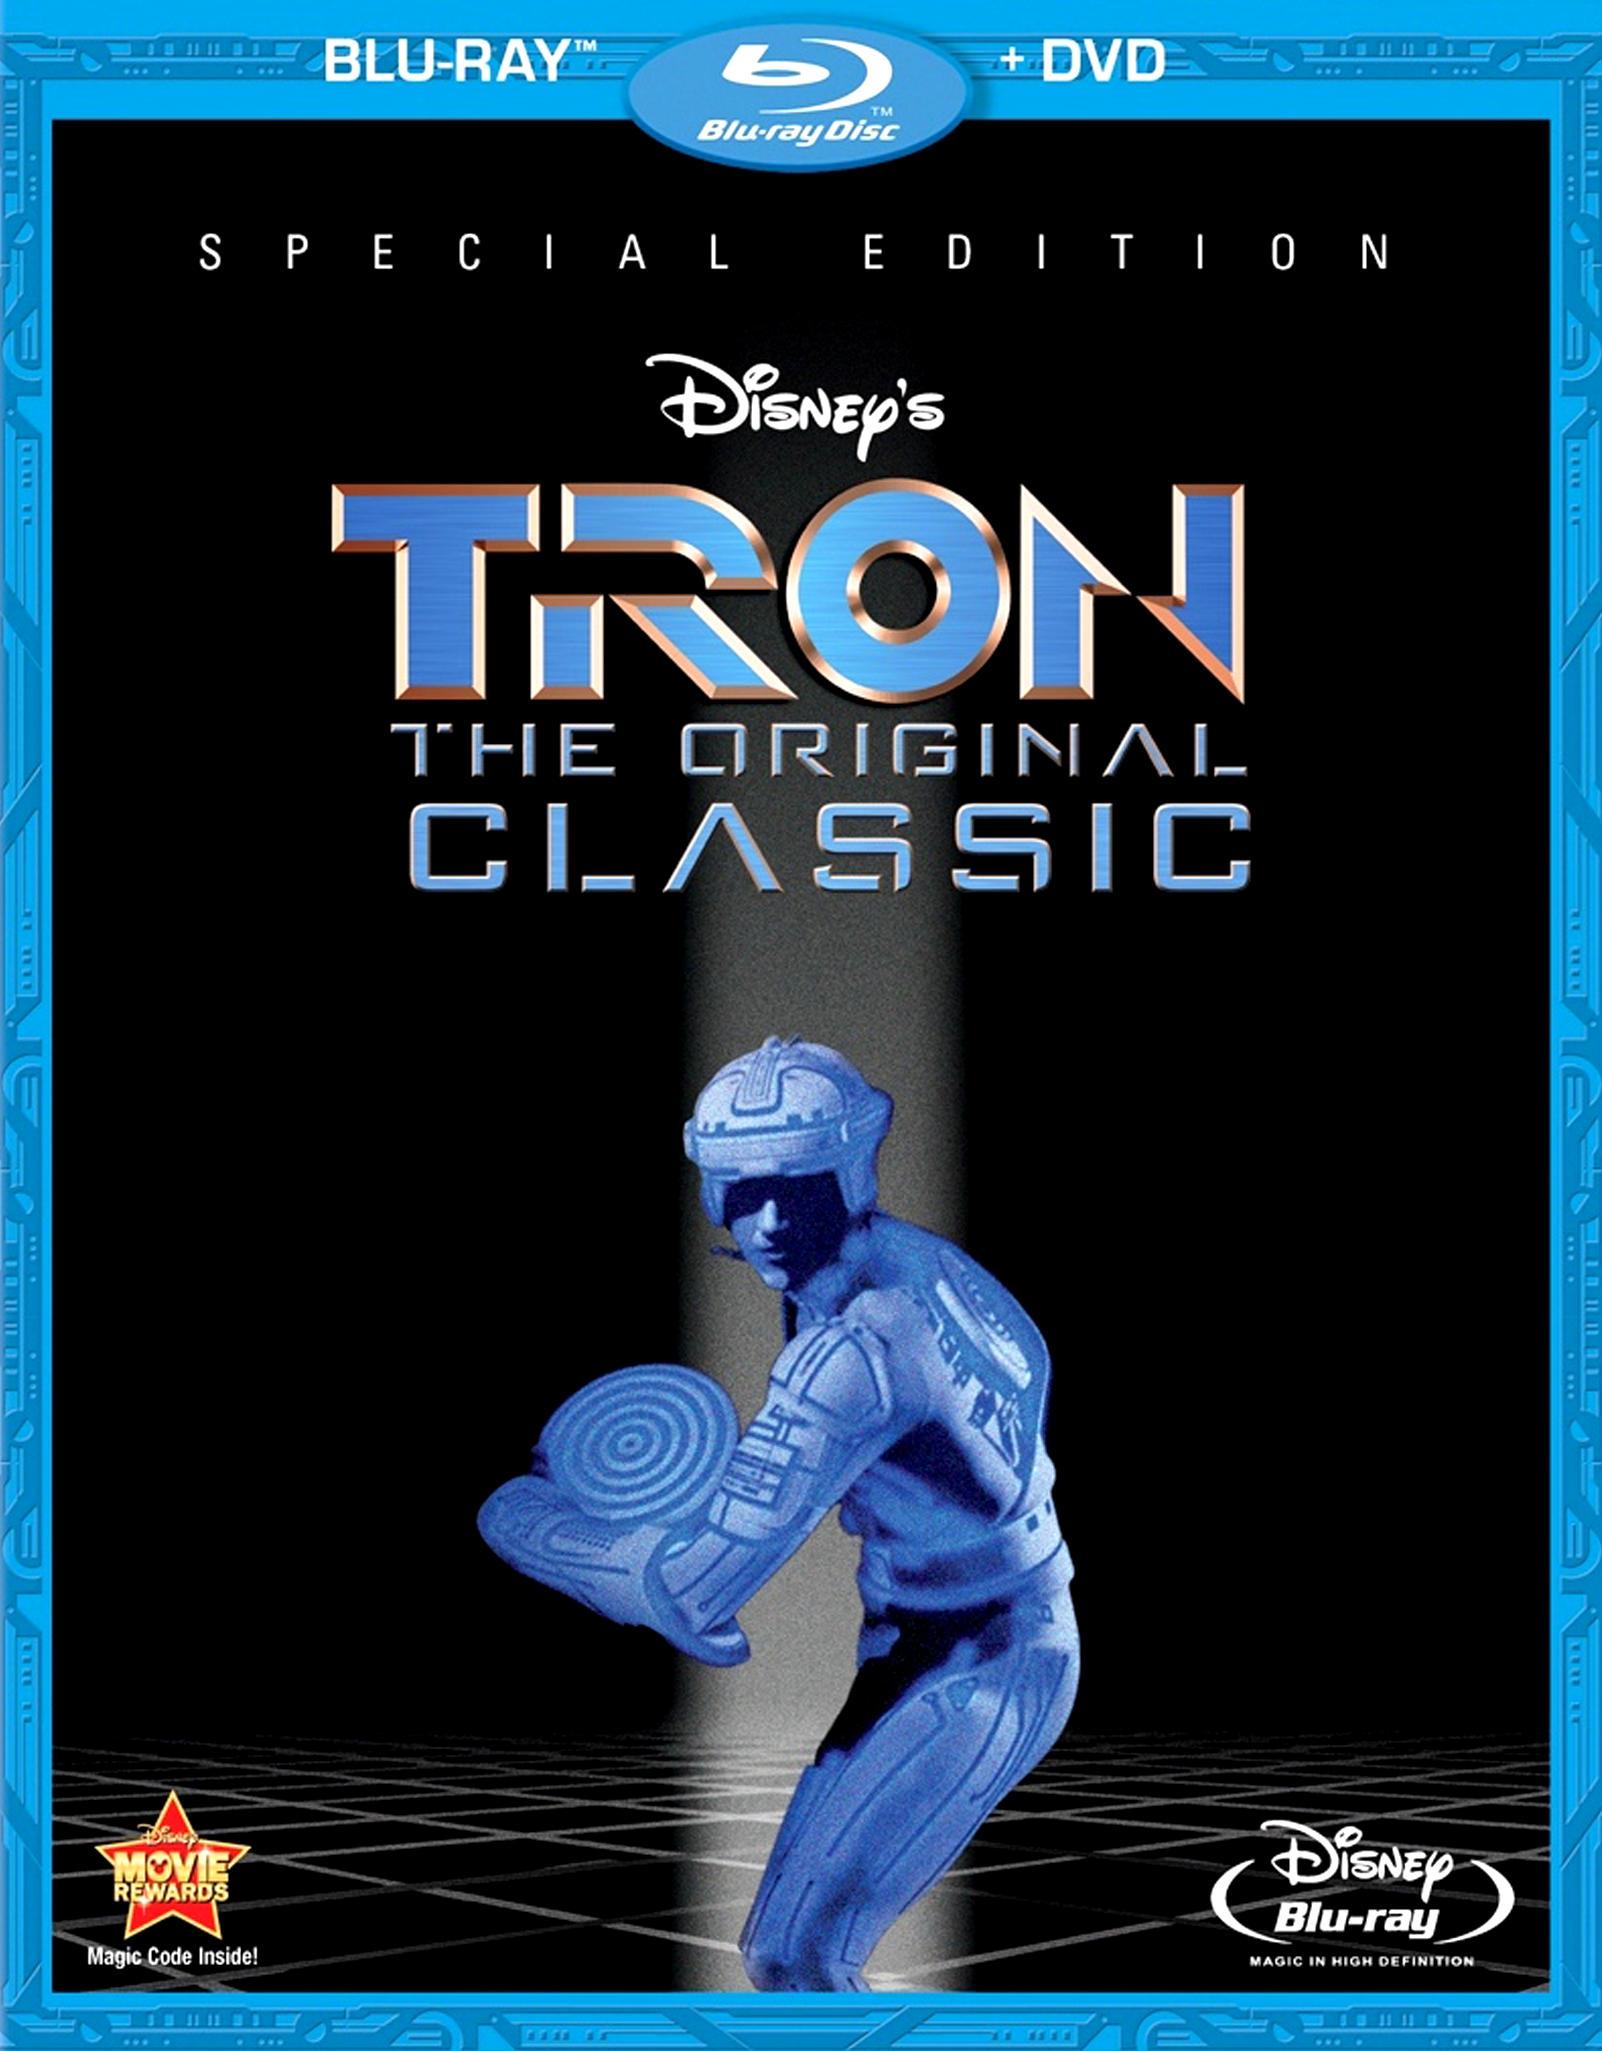 Обложка DVD с сайта fastpic.ru